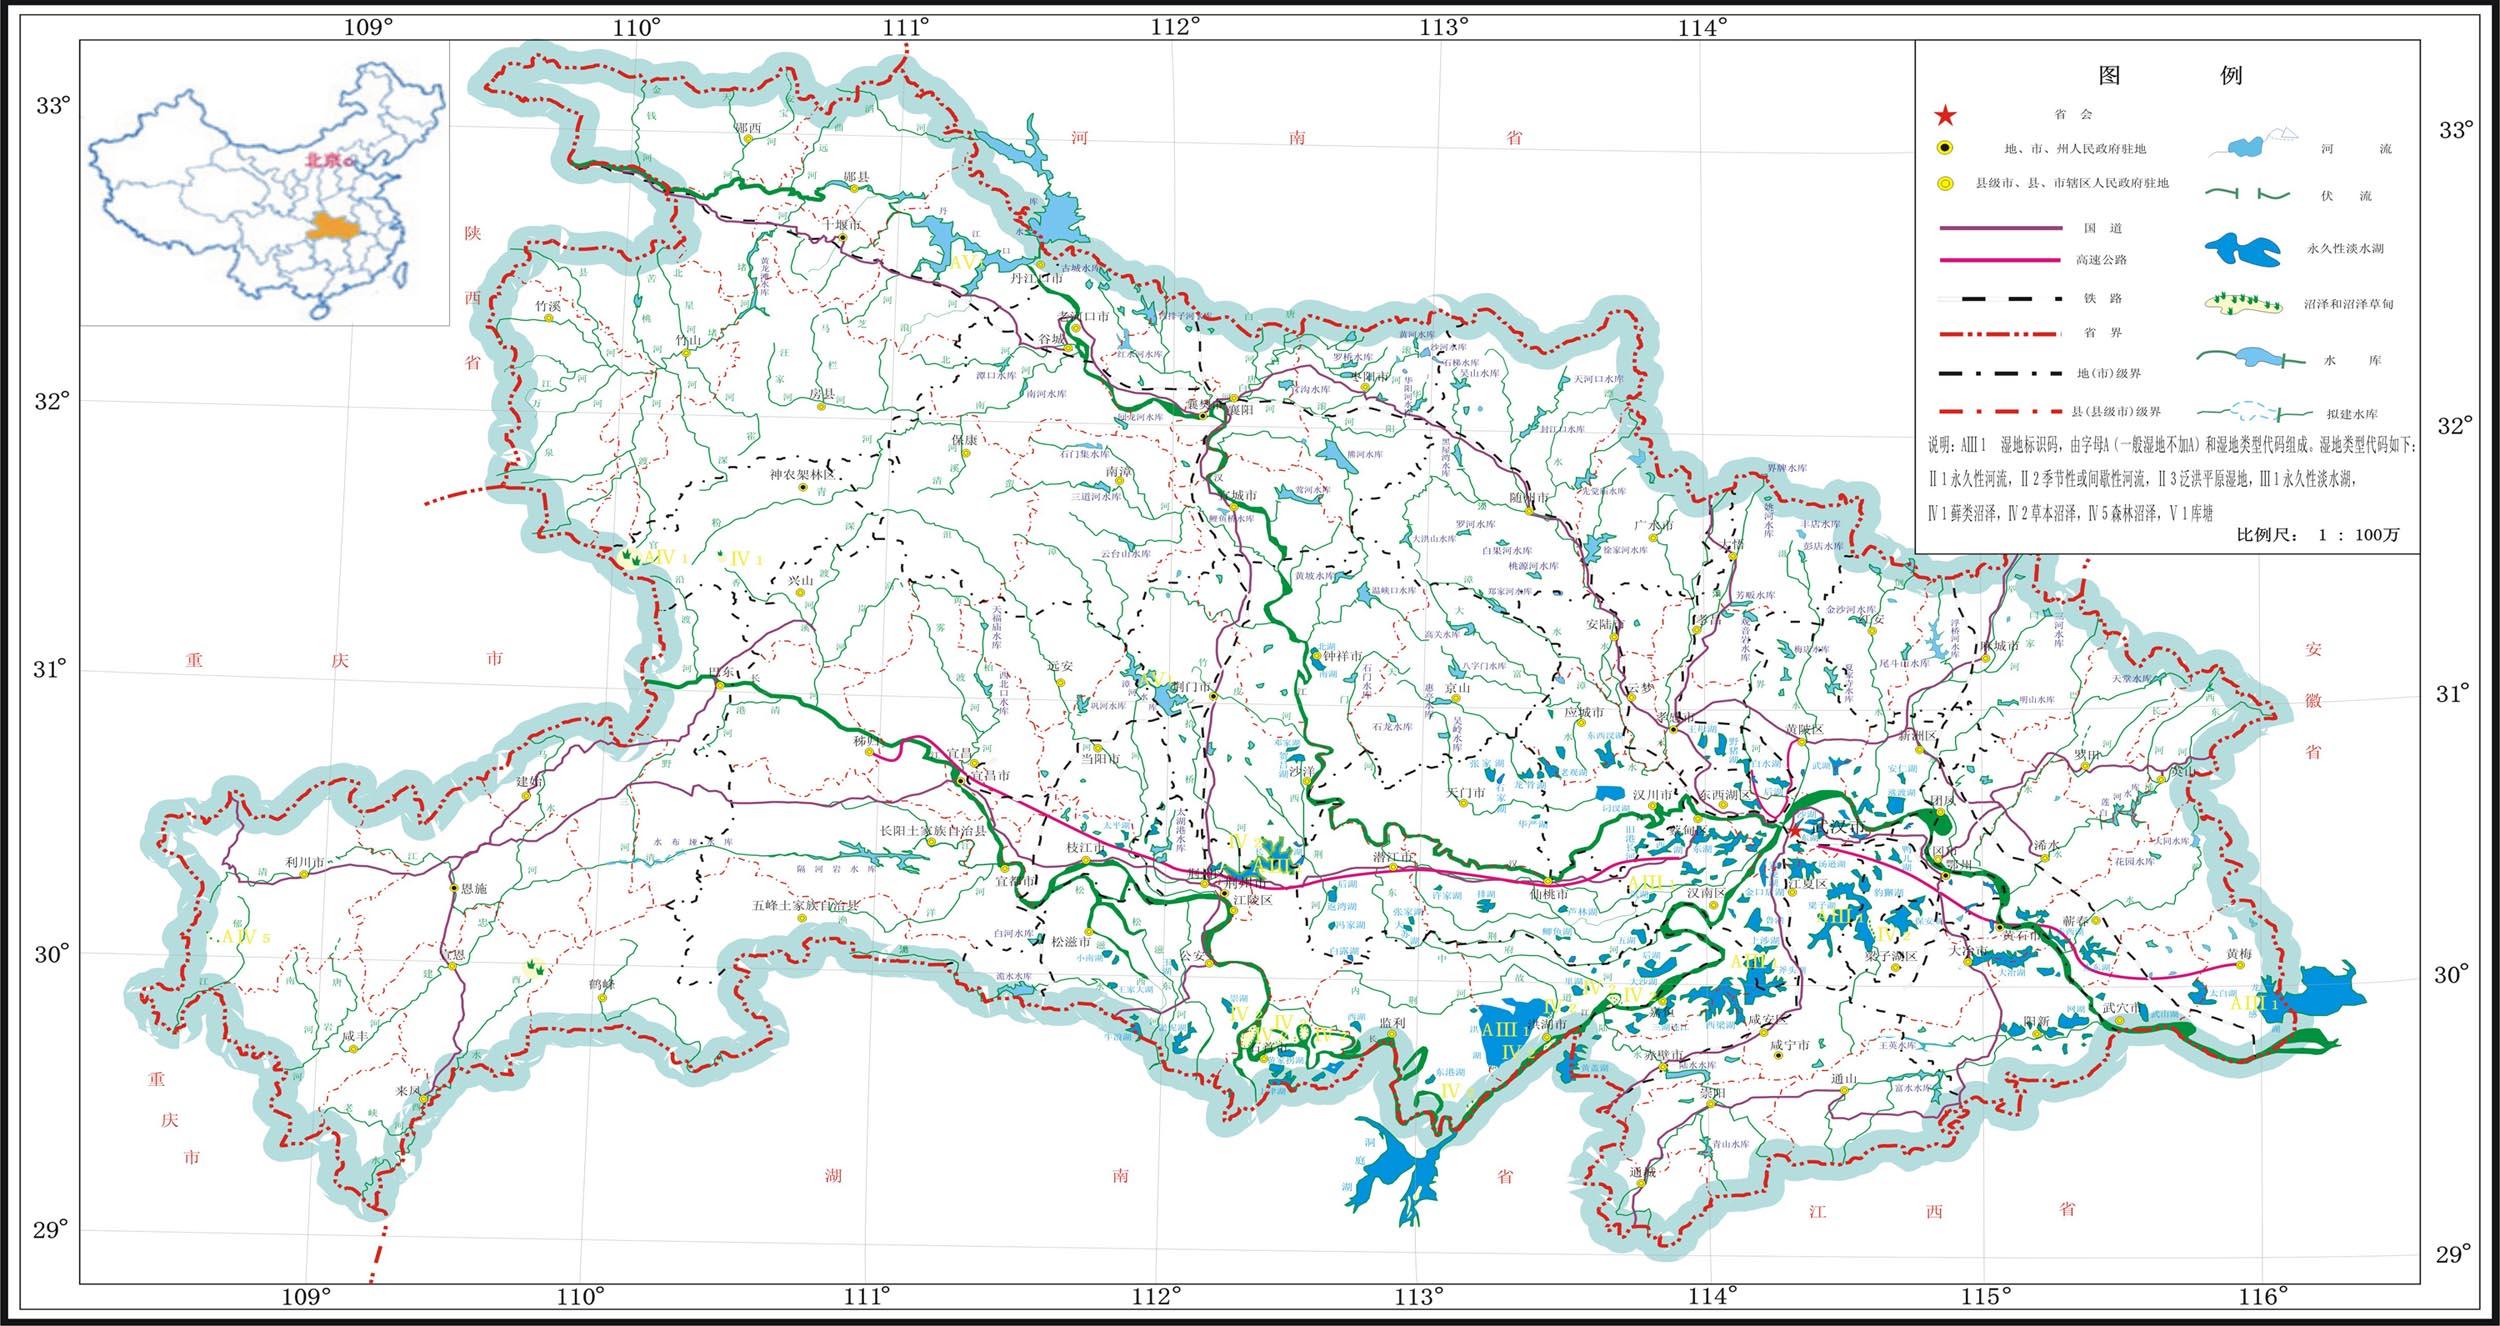 洪湖蓝田生态旅游风景区里地图